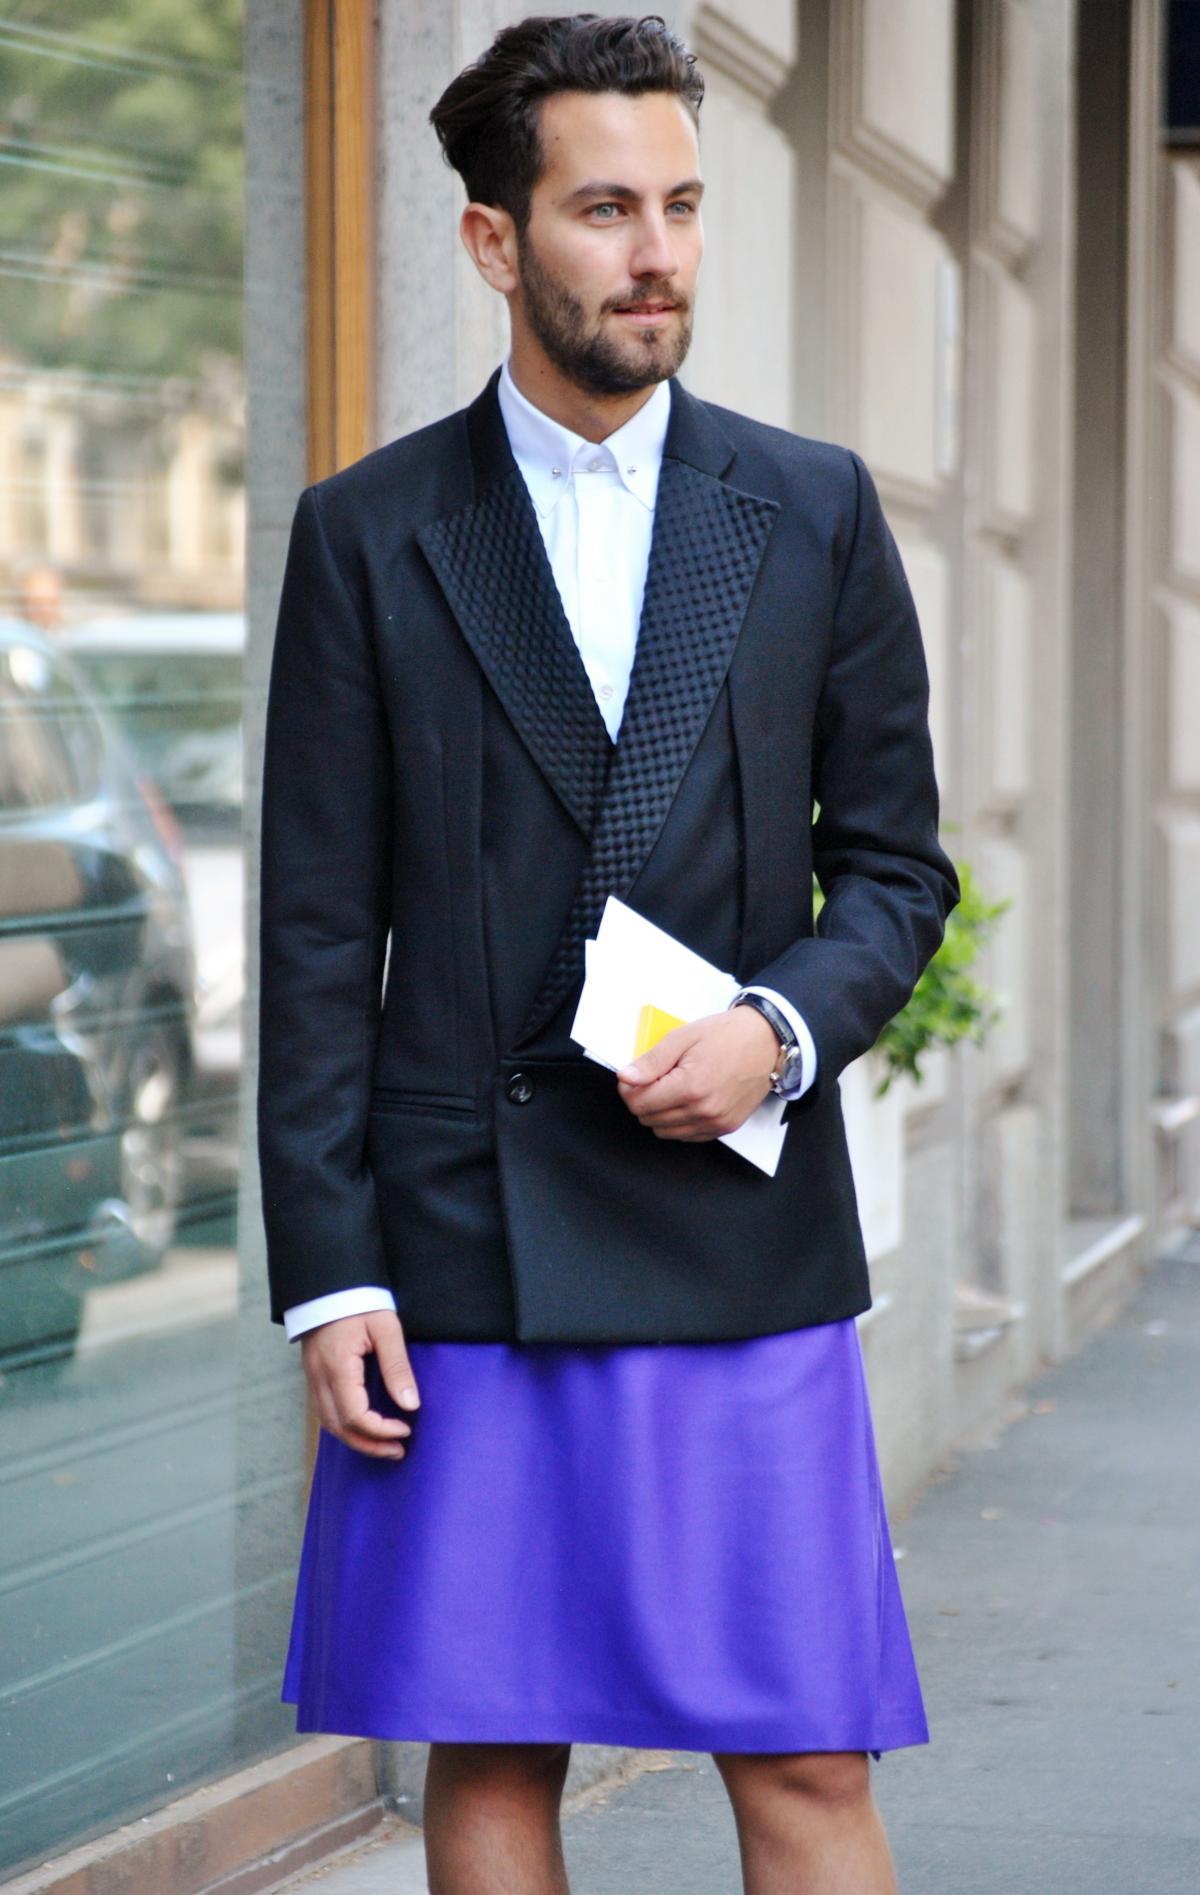 Ausgezeichnet Männer Partykleider Bilder - Brautkleider Ideen ...